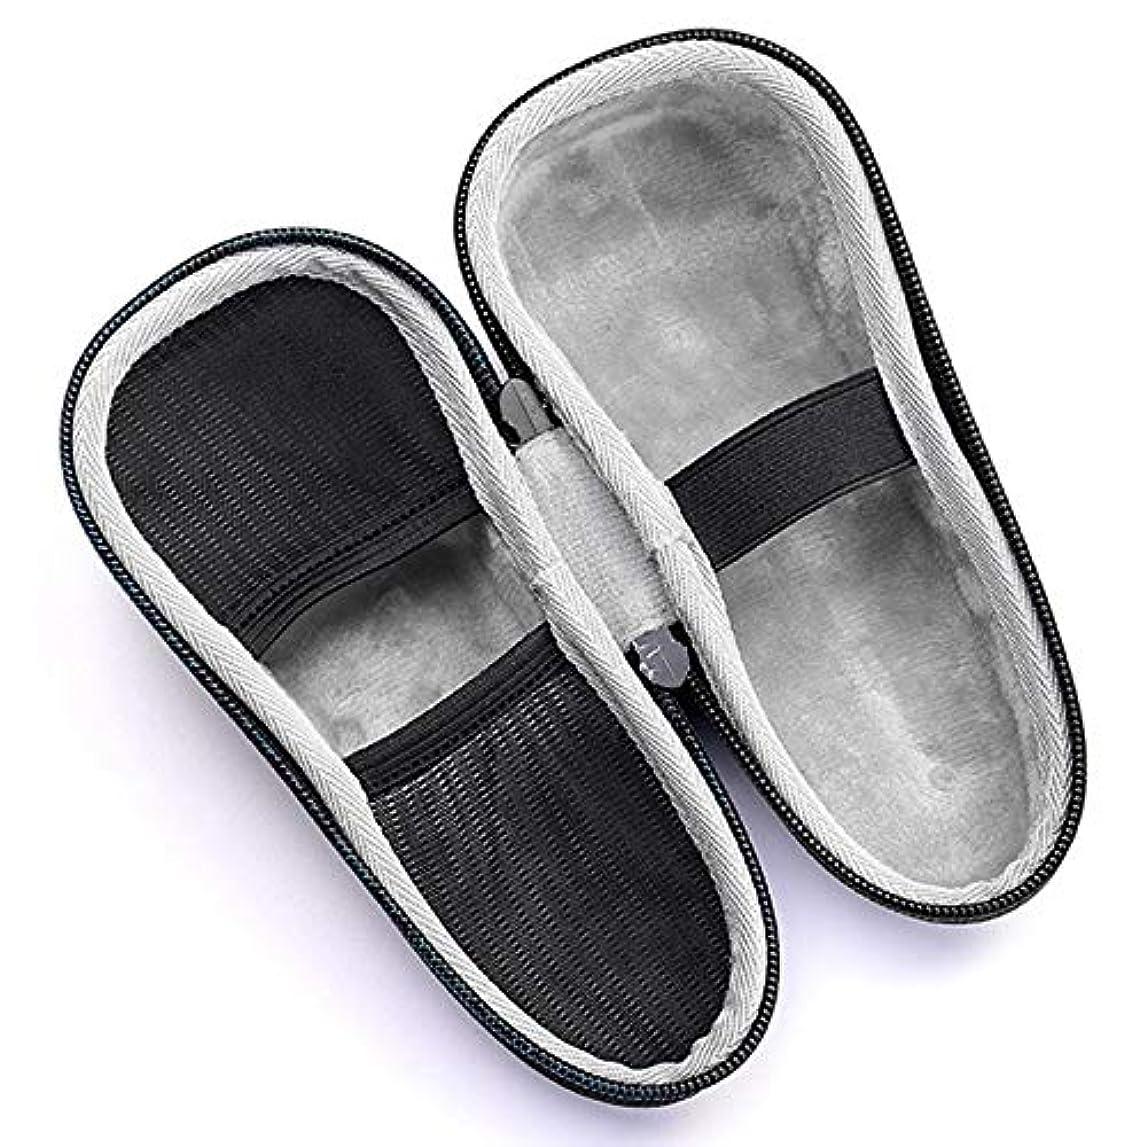 戻す一般的な寝具ACAMPTAR 髭剃り用収納バッグ、Philips電気シェーバー用、かみそりのバッグ、Philipsシェーバー用旅行ケース、シェービングマシンの収納ケース、バッグ